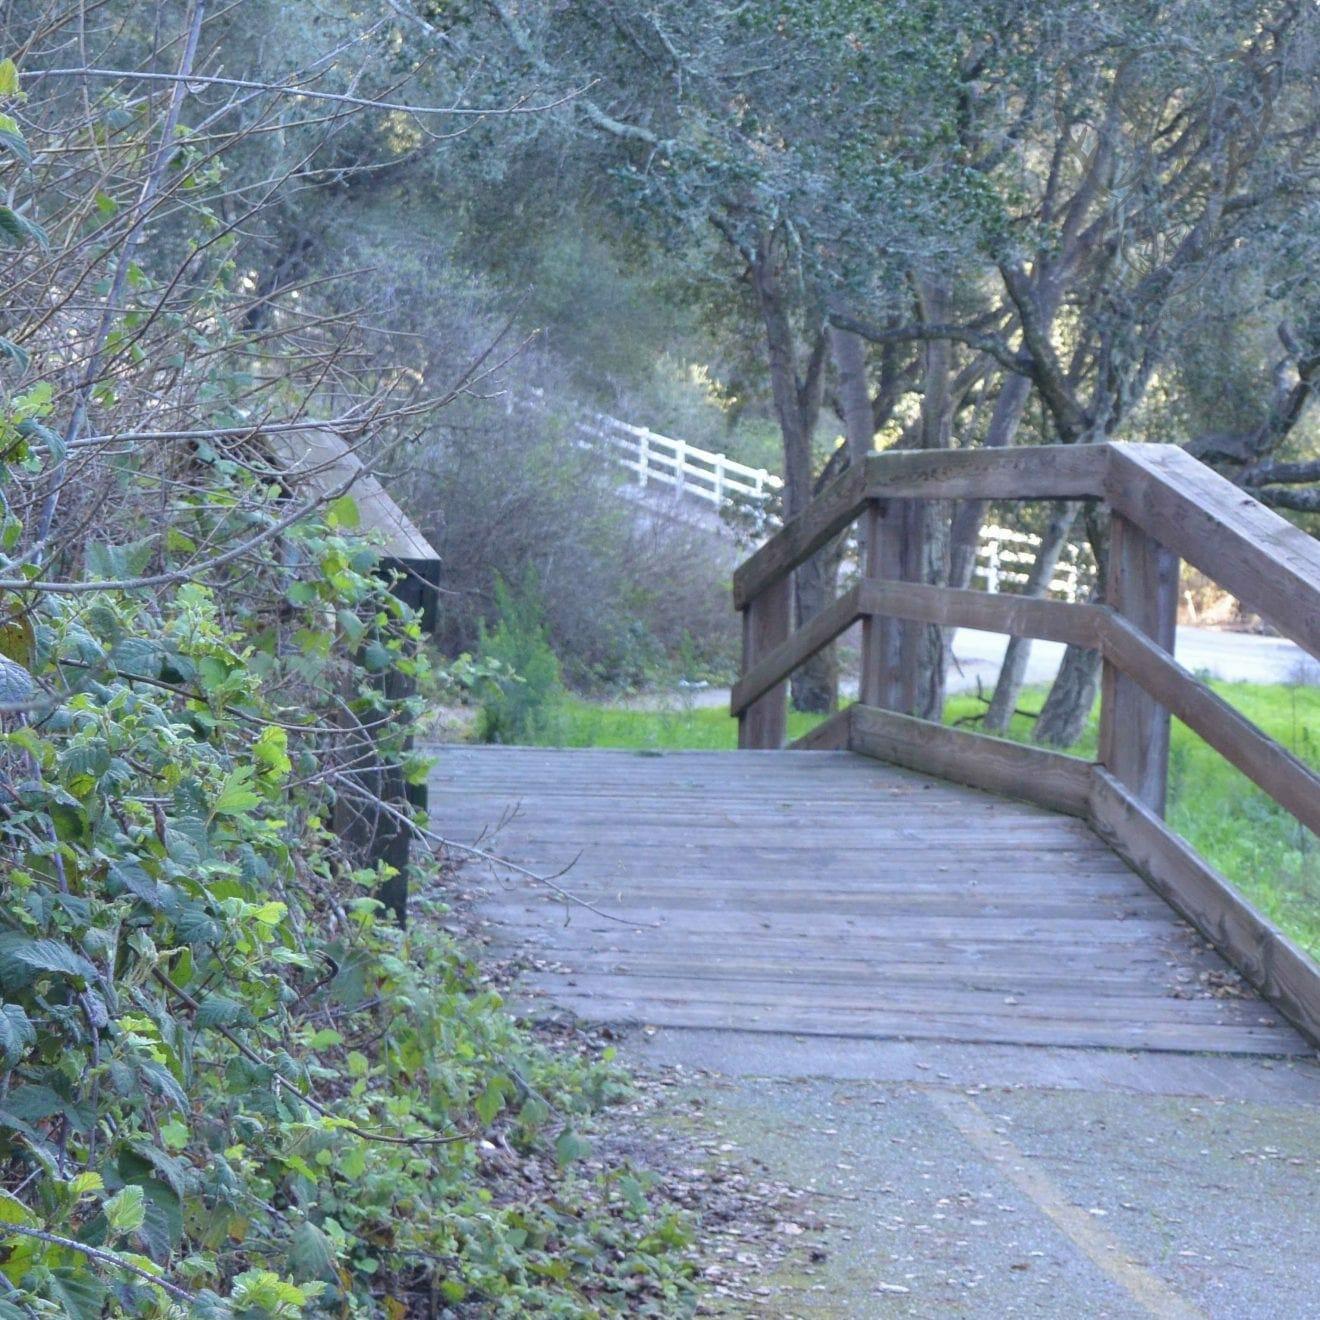 Bridge in California (Miranda Hernandez)